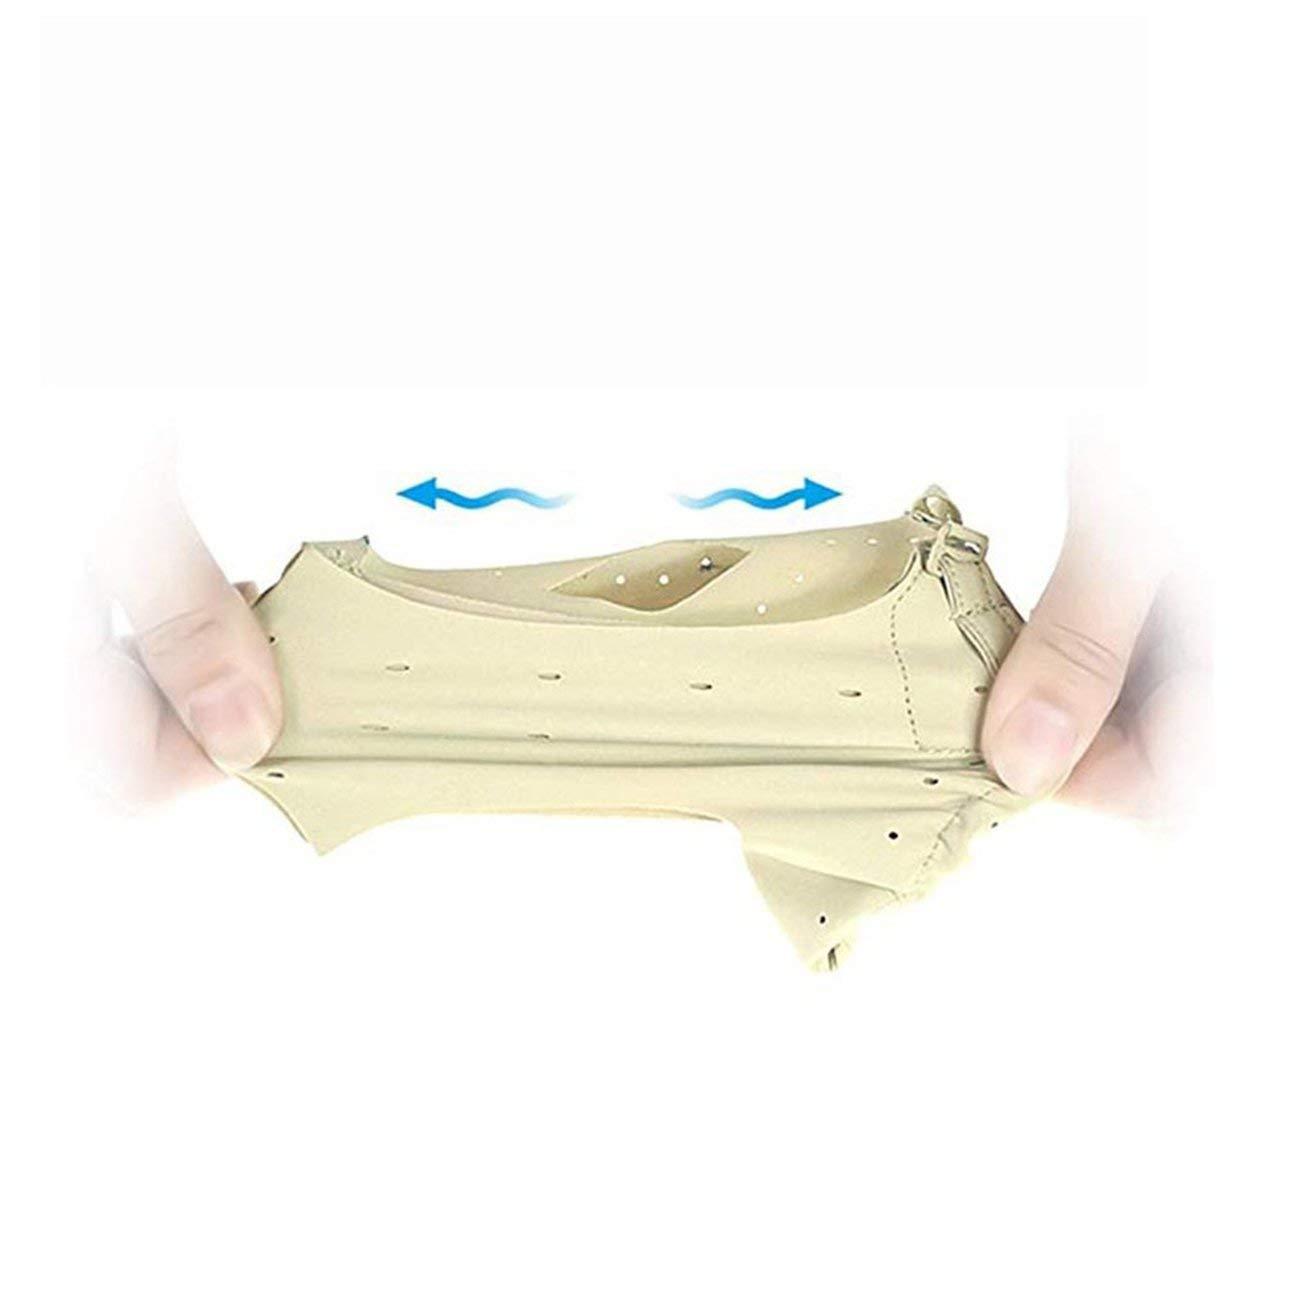 MachinYesity Grande Pollice Pollice con Foro correzione dellalluce valgo Cintura Comodo Piedi Dispositivo Cura del Piede Unisex Forniture Ortopediche Colore della Pelle M